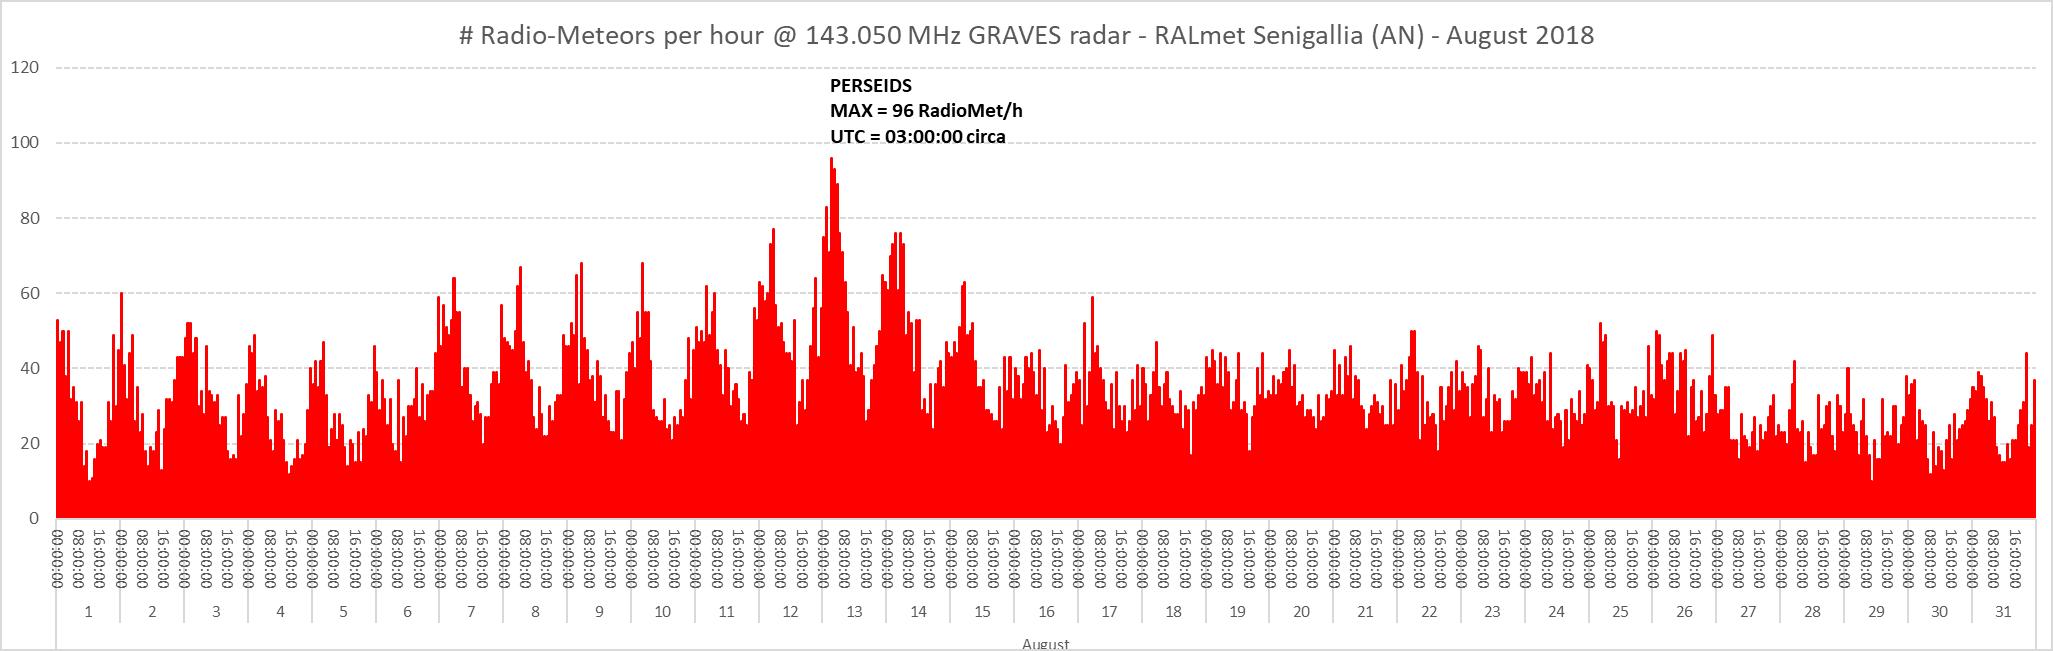 Flusso orario dei radio-echi meteorici registrati durante il mese di Agosto 2018: si vedono le classiche oscillazioni giornaliere (con minimi coincidenti con le ore pomeridiane) che crescono in intensità (eventi più numerosi e massicci) all'avvicinarsi della data corrispondente al picco dello sciame.